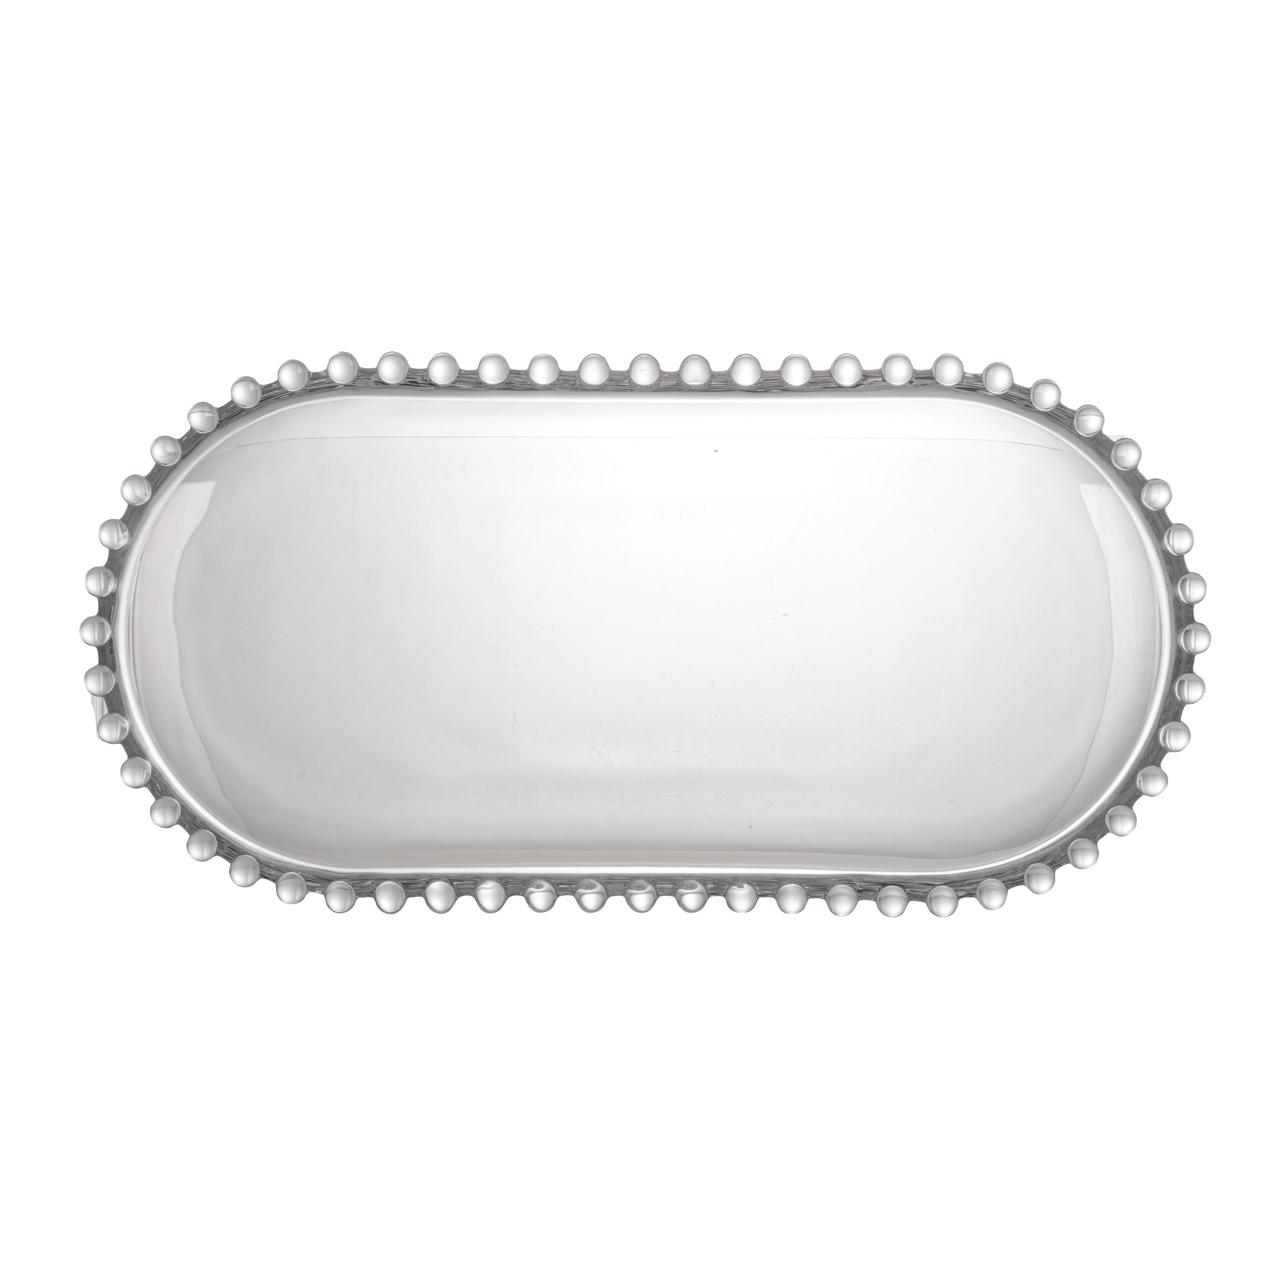 Travessa 30 cm de cristal transparente Oval Pearl Wolff - 28384